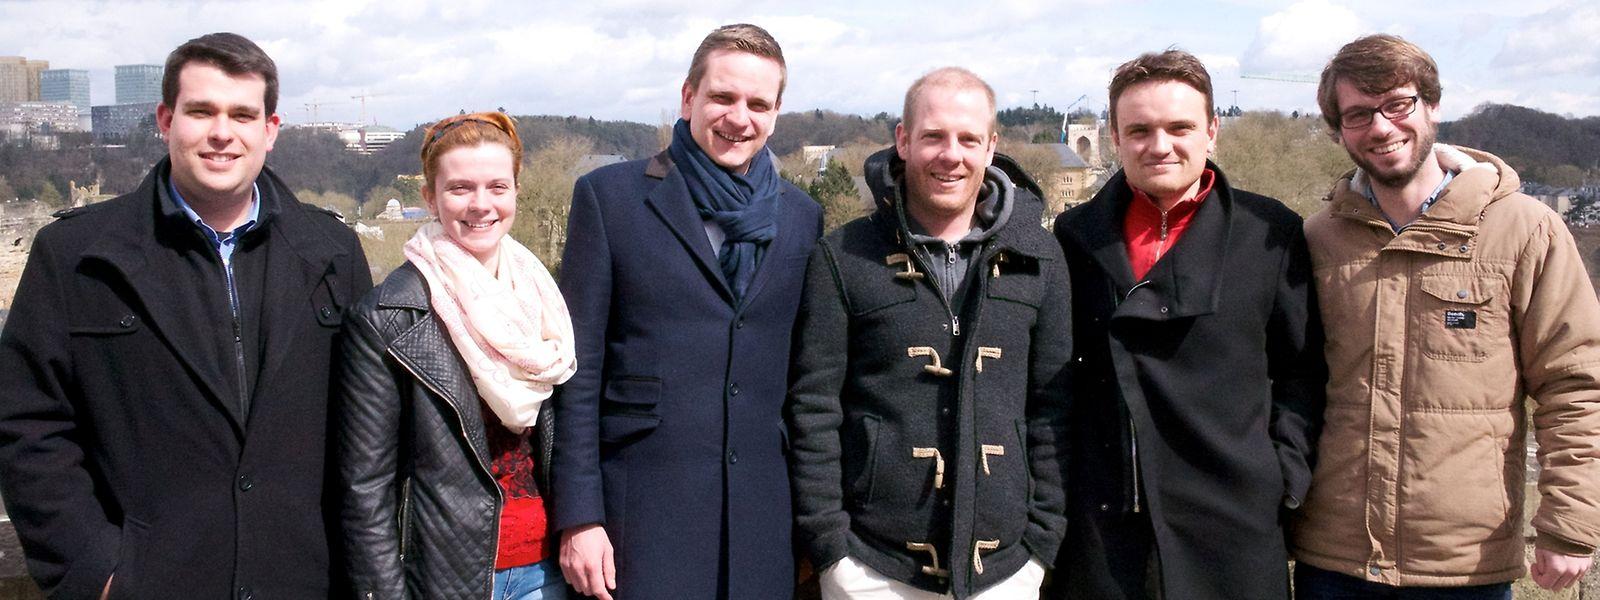 Die Vertreter der Jugendparteien, die sich für mehr Demokratie einsetzen (v.l.n.r.): Fréd Ternes (CSJ), Claudine Michels (JDL), Charles Hurt (CSJ), Marc Ruppert (JDL), Jimmy Skenderovic (JSL), Paul Matzet (déi jonk gréng).